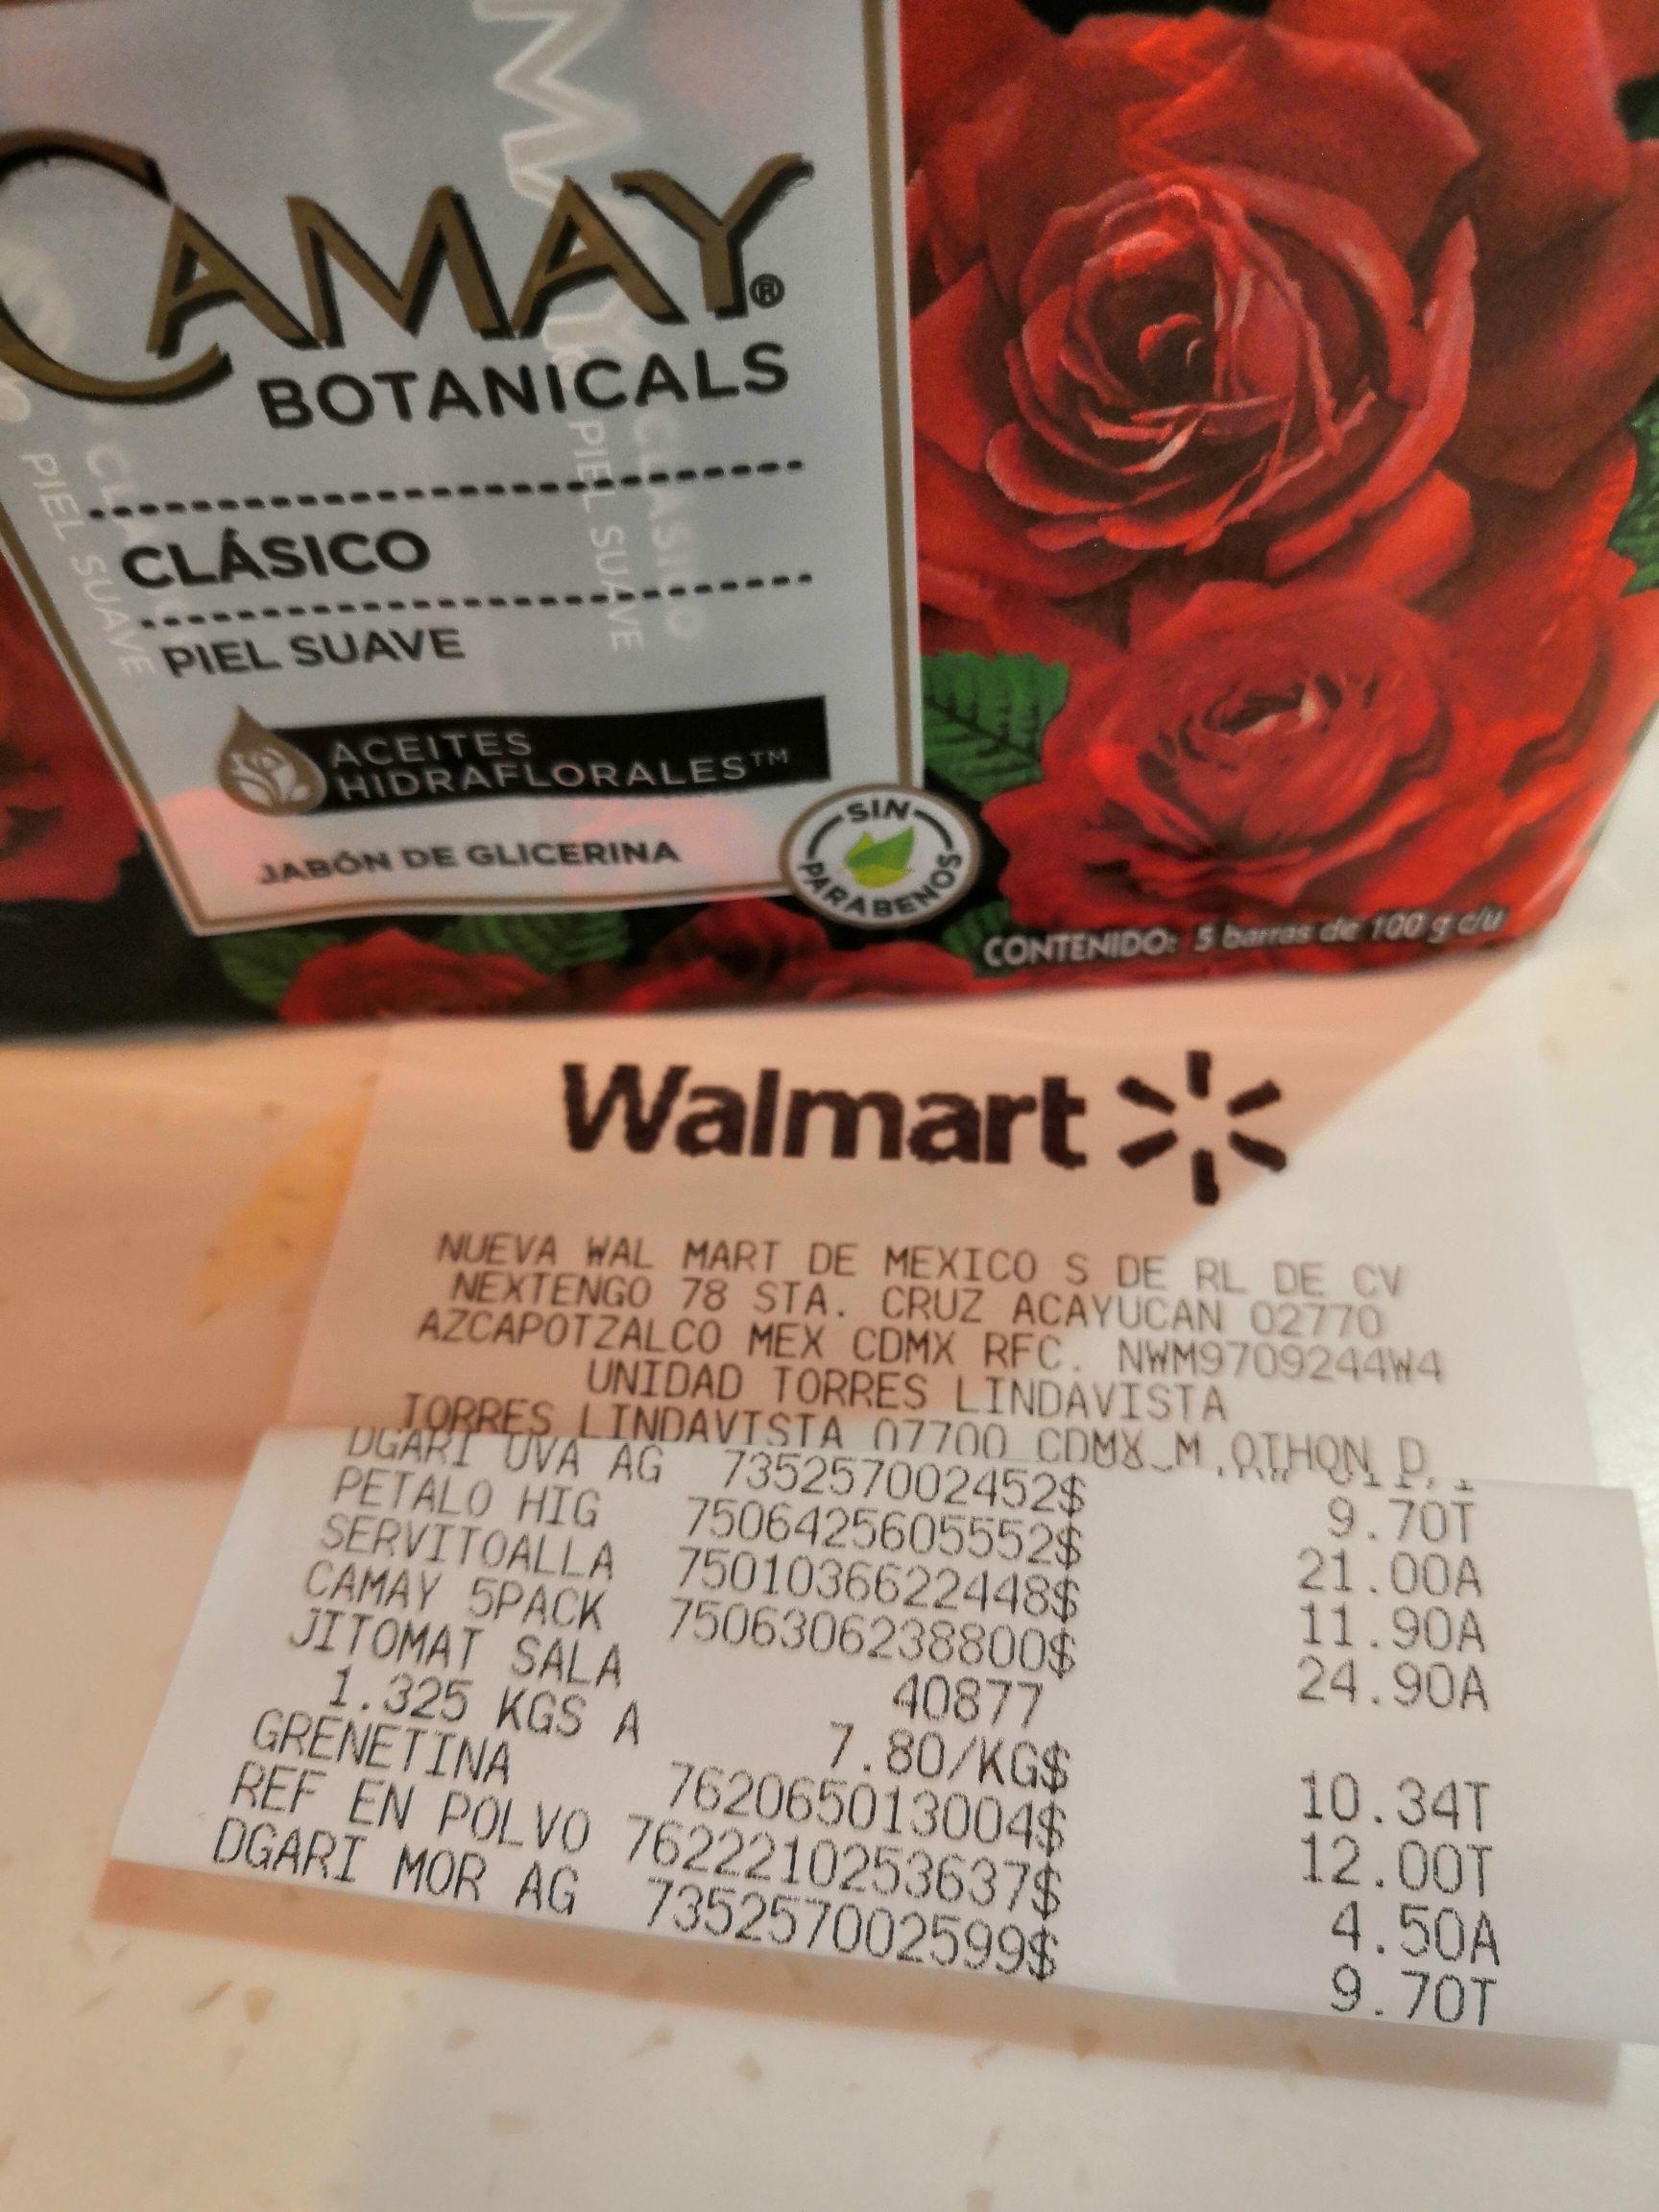 Walmart torres lindavista: paquete camay 5 piezas